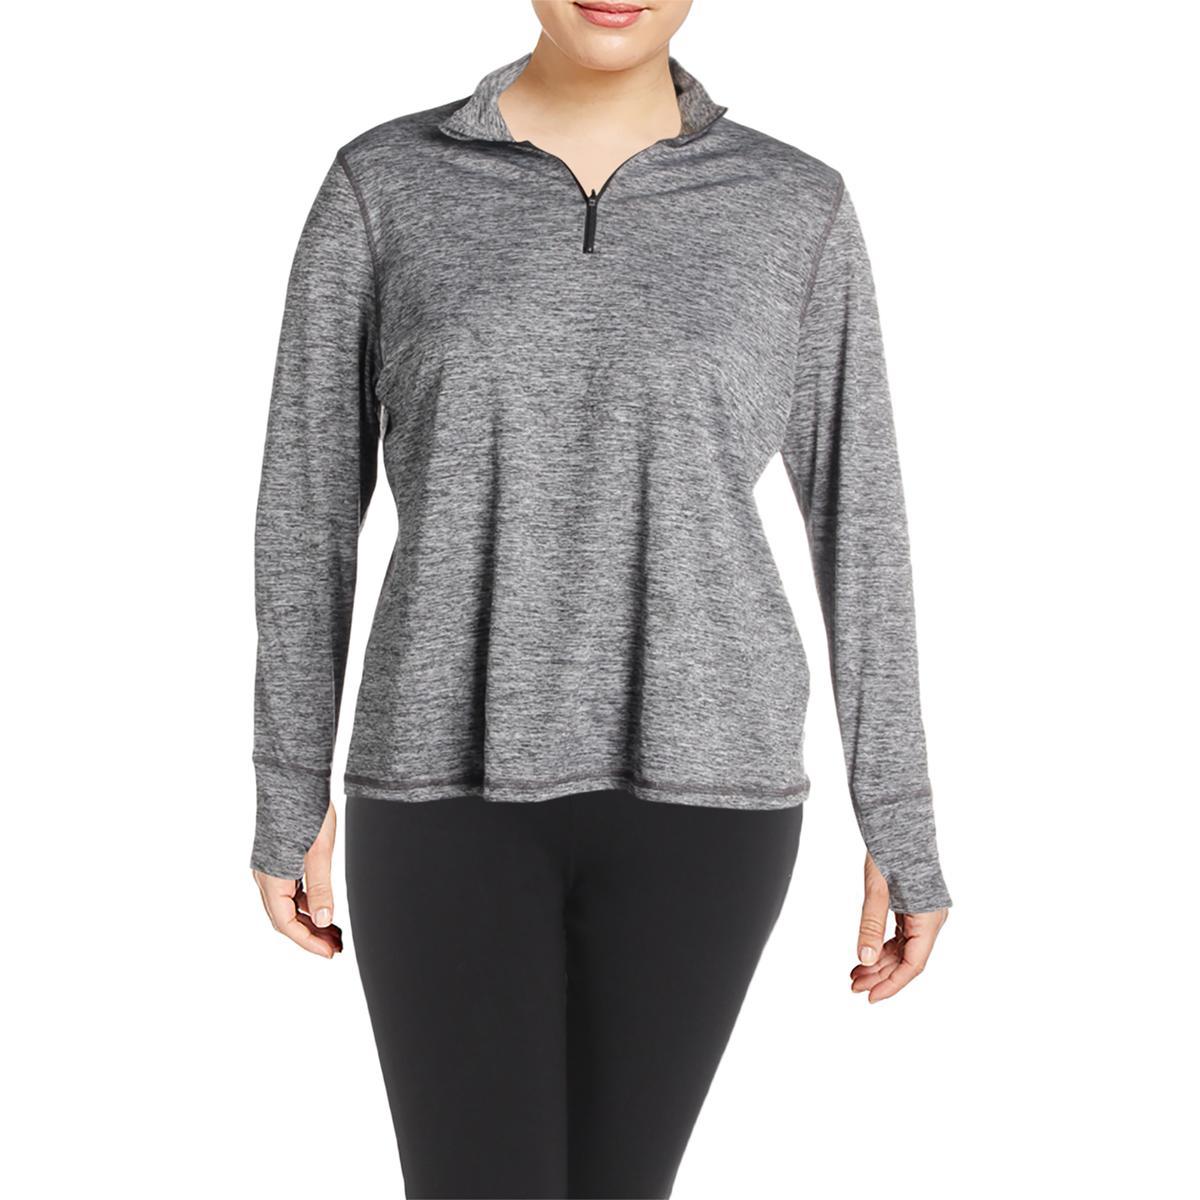 Ideology Womens Lightweight Workout Training 1//4 Zip Pullover Top Plus BHFO 5535